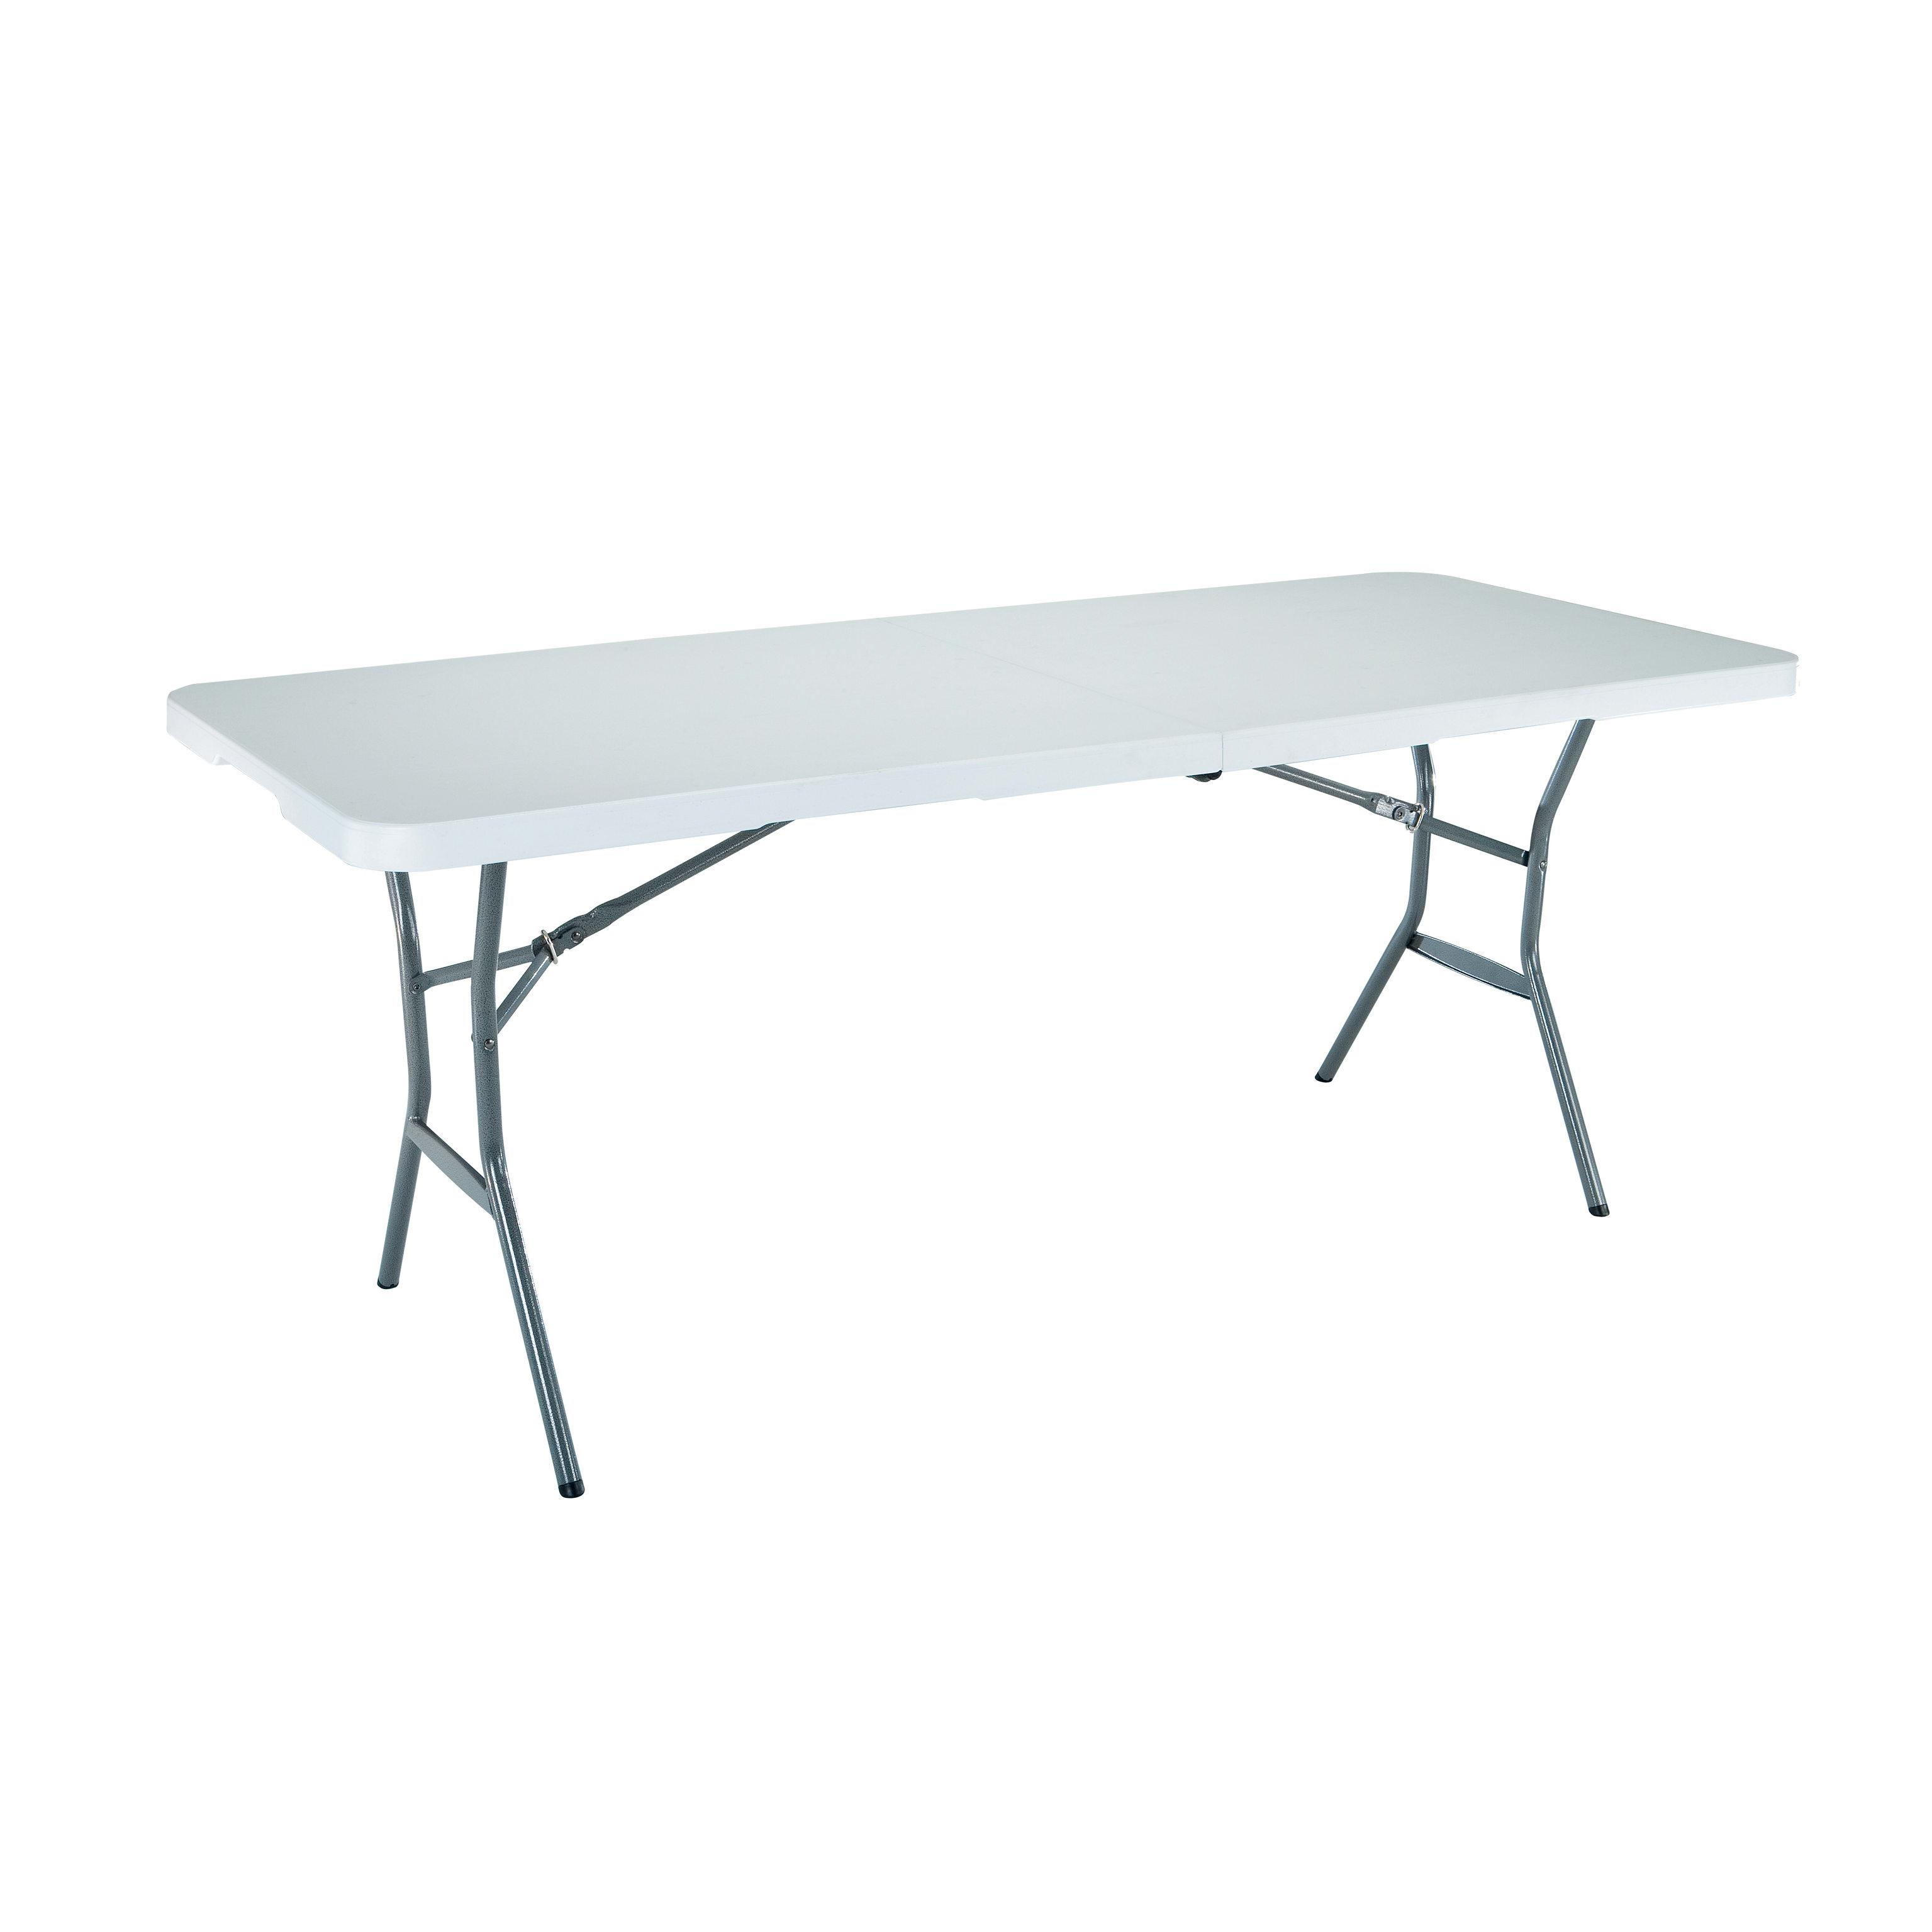 Vendita Tavoli Per Catering.Tavolo Da Giardino Rettangolare Lifetime Con Piano In Plastica L